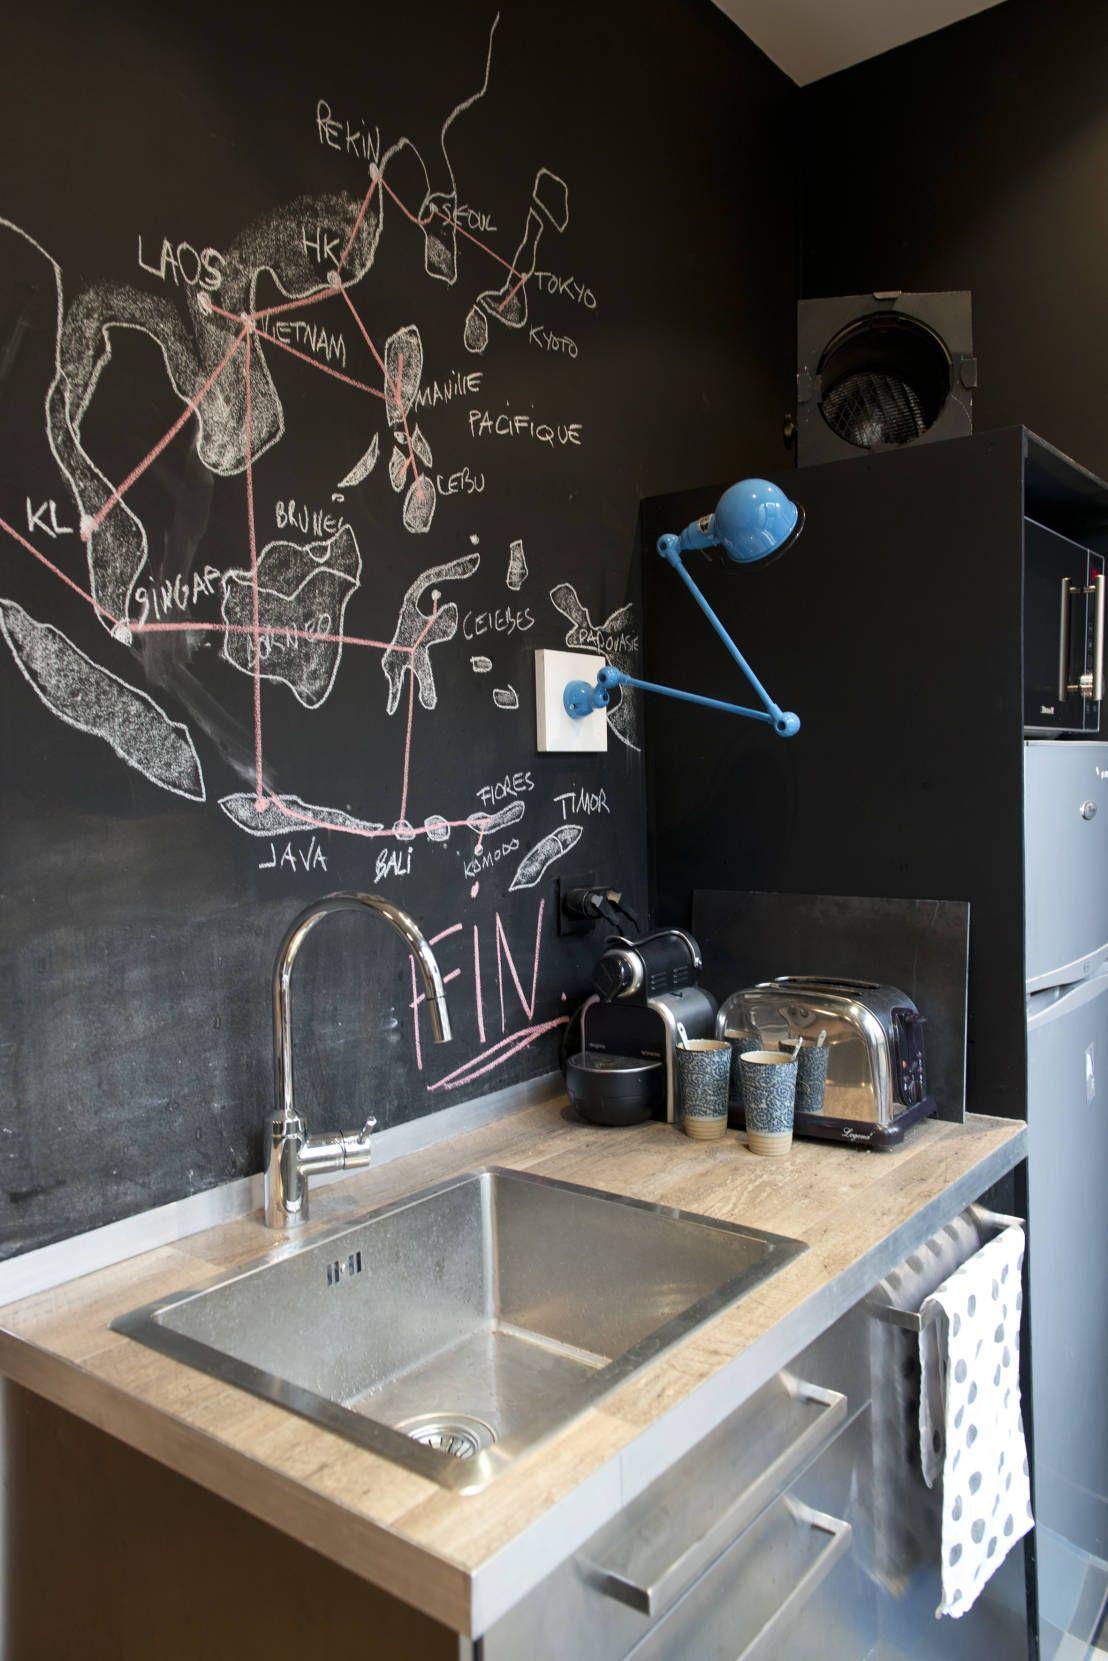 İşinize Yarayacak Duvar Dekorasyonu Fikirleri Ve Örnekleri